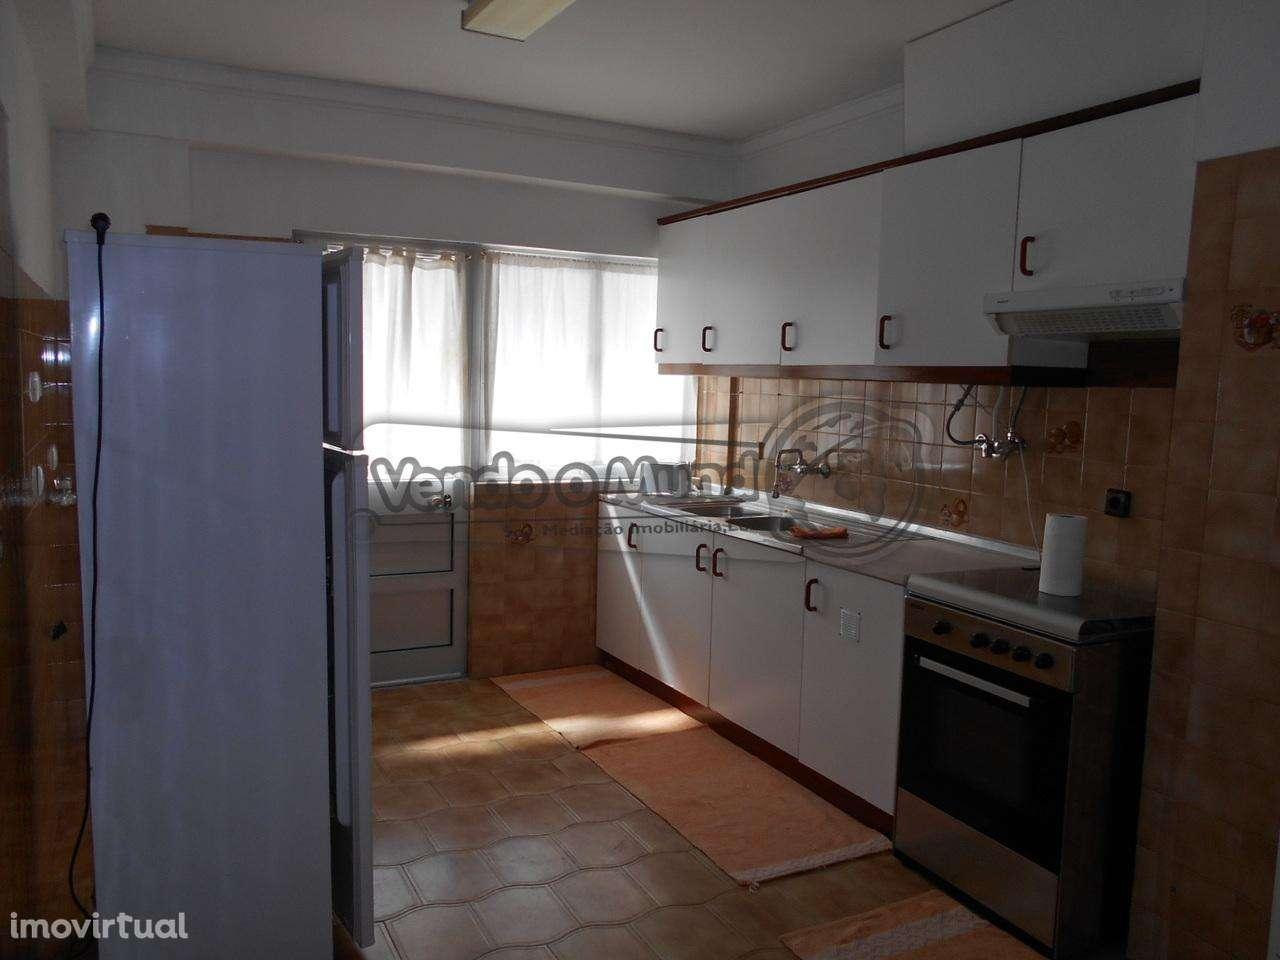 Apartamento para comprar, Samora Correia, Benavente, Santarém - Foto 3